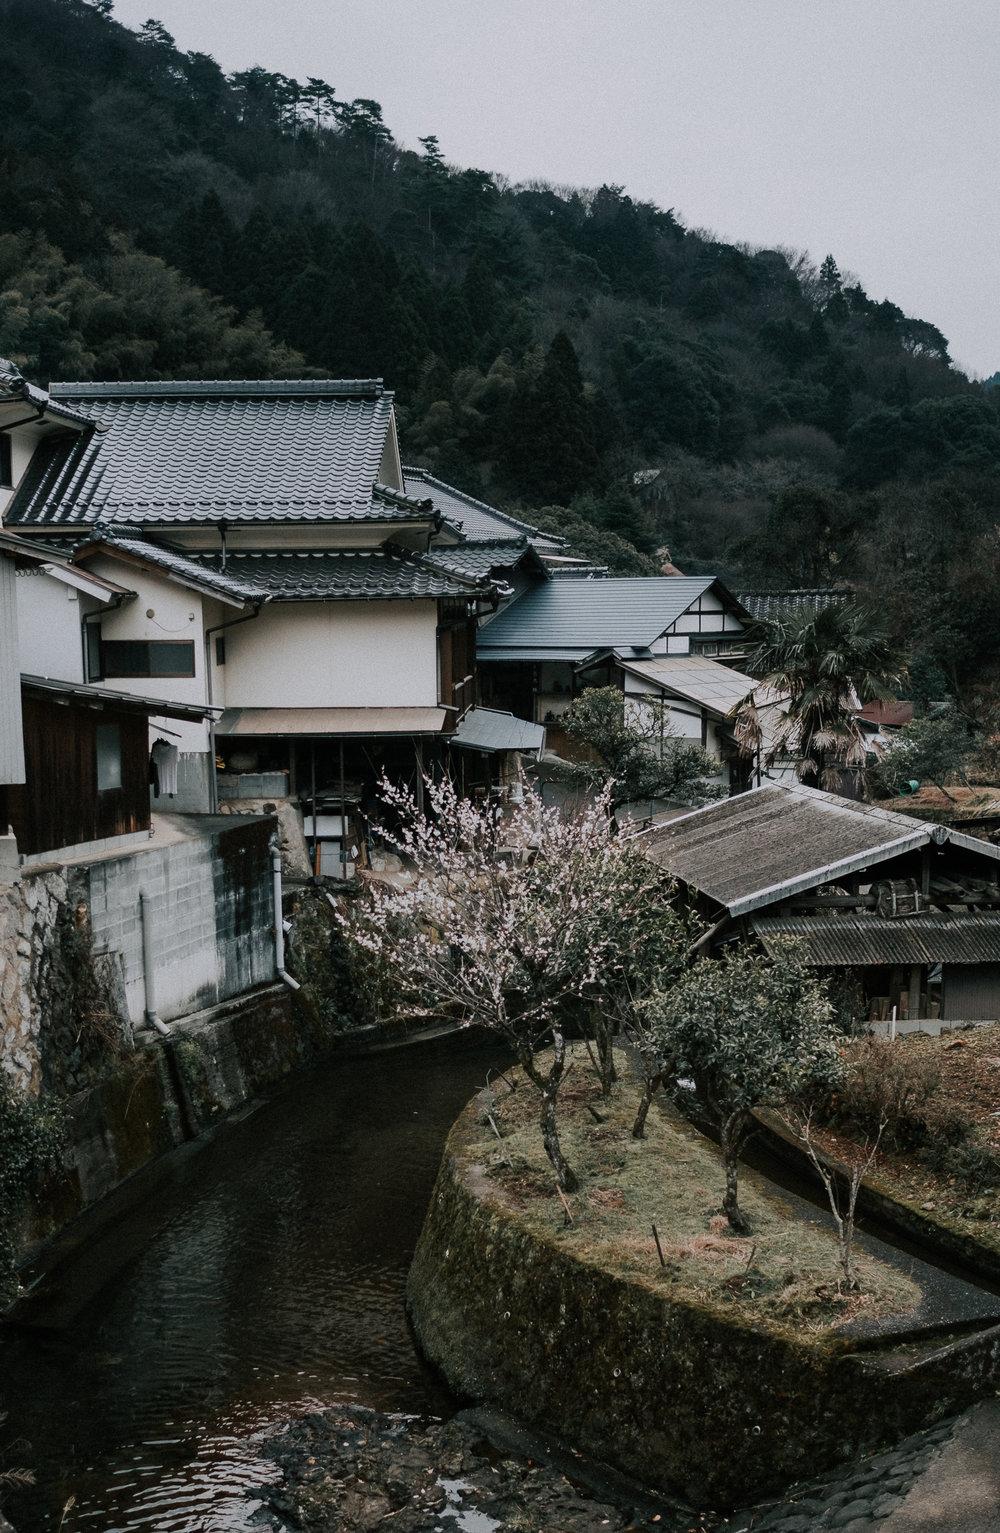 Ontayaki no Sato.